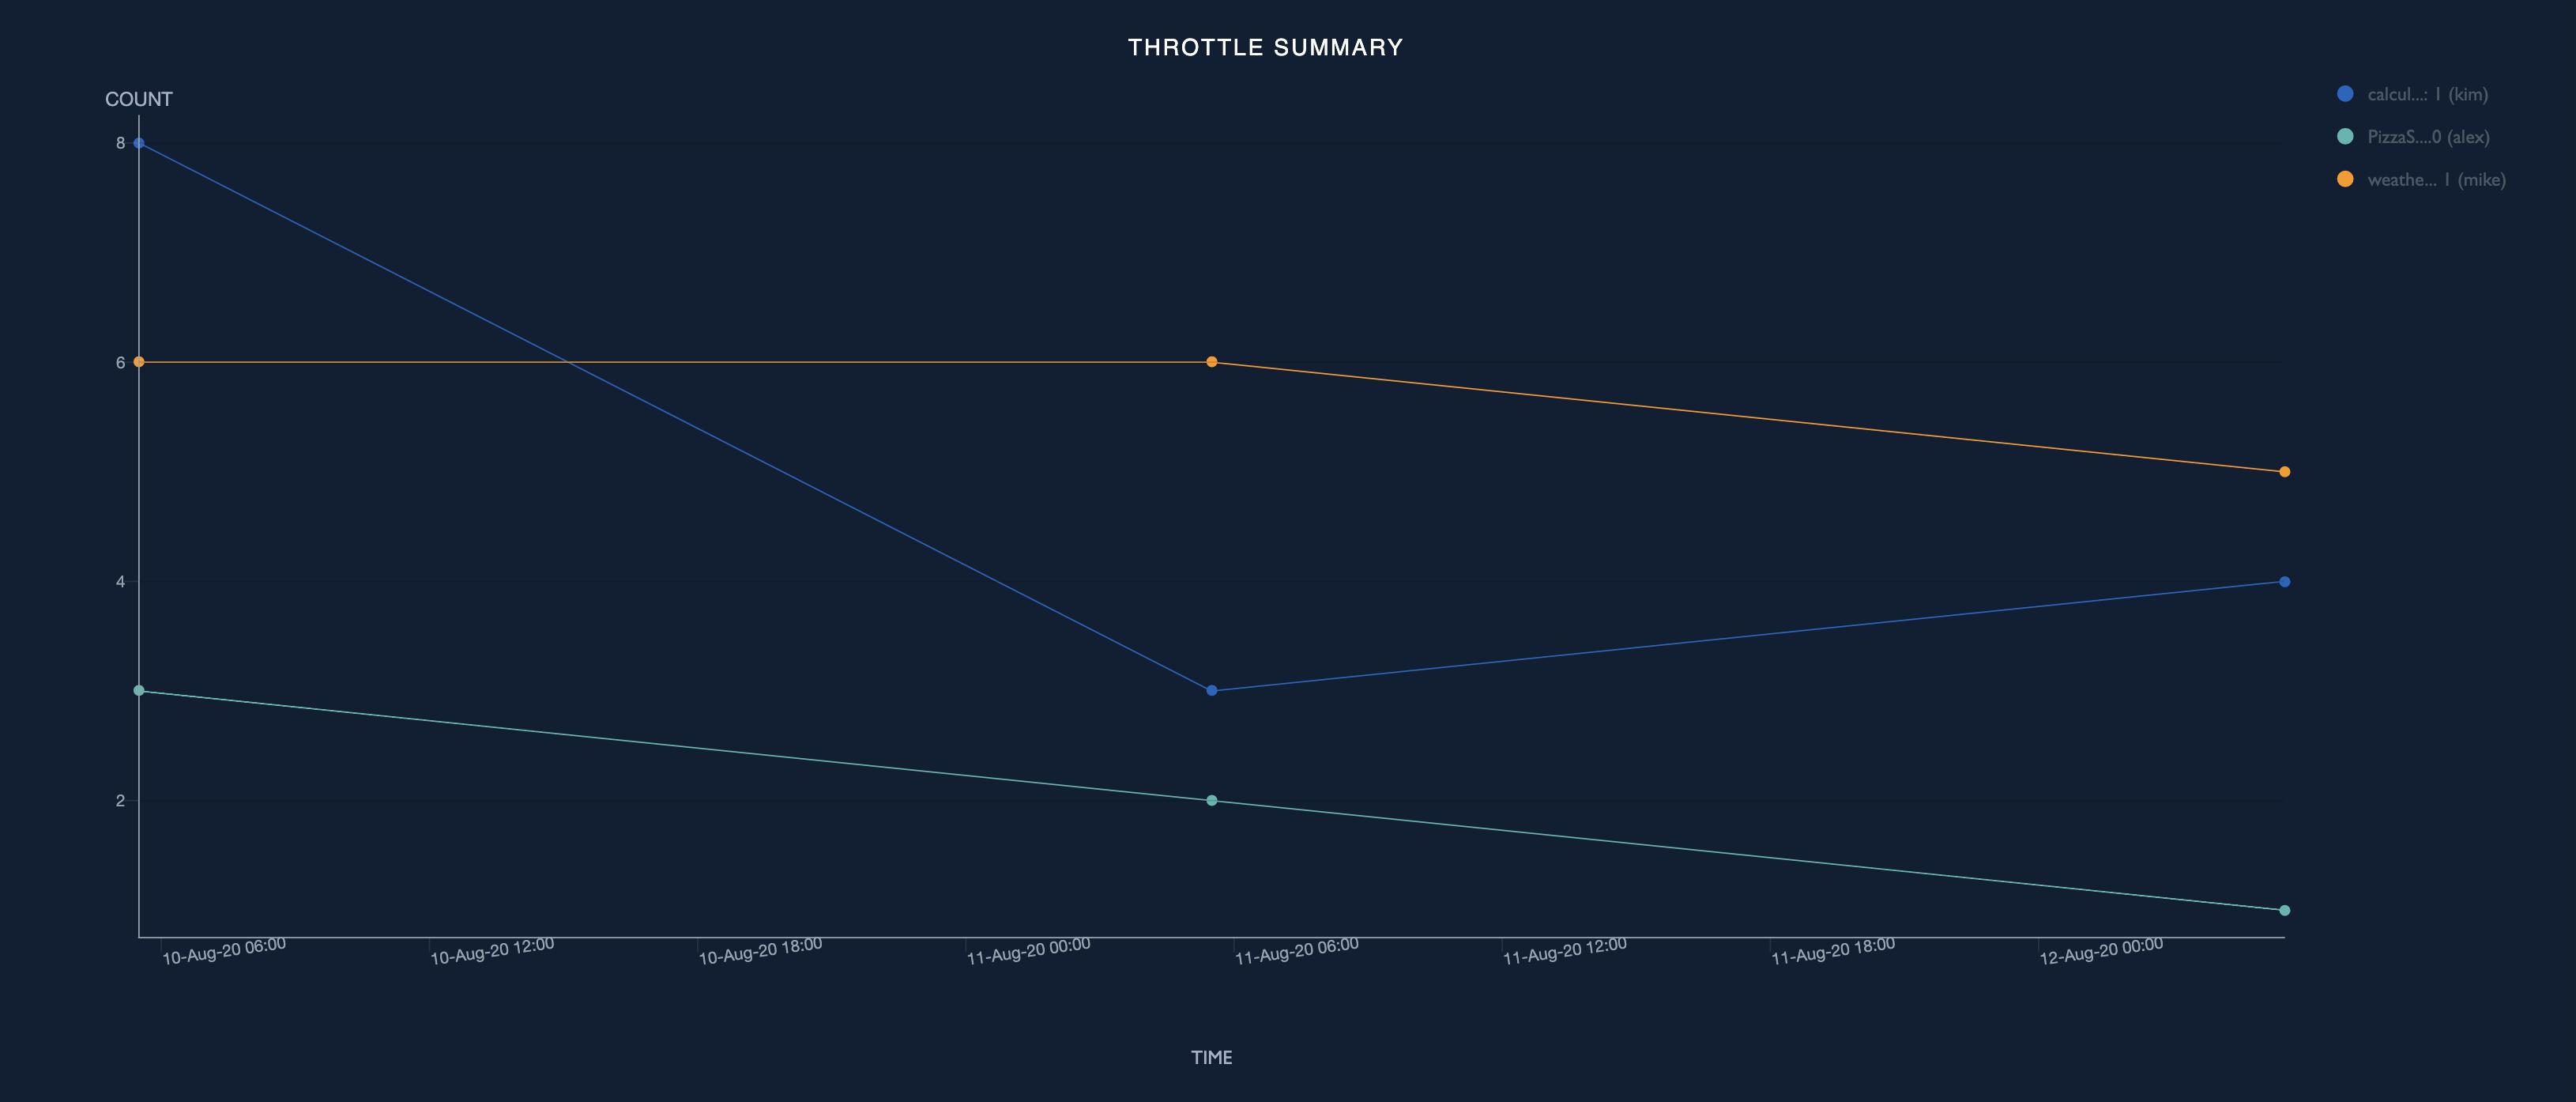 Throttle summary